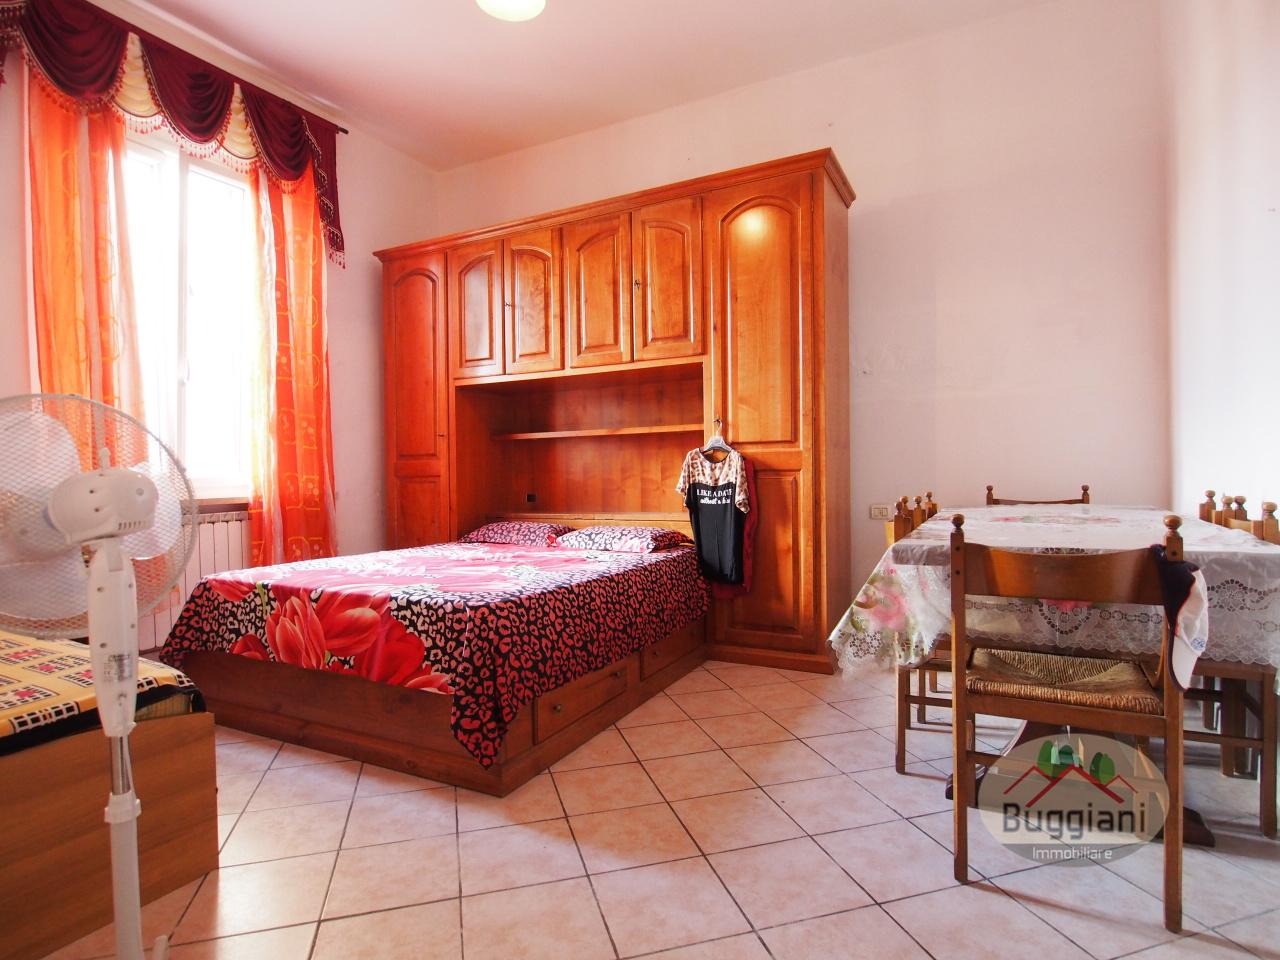 Appartamento in vendita RIF. 1787, Santa Croce sull'Arno (PI)